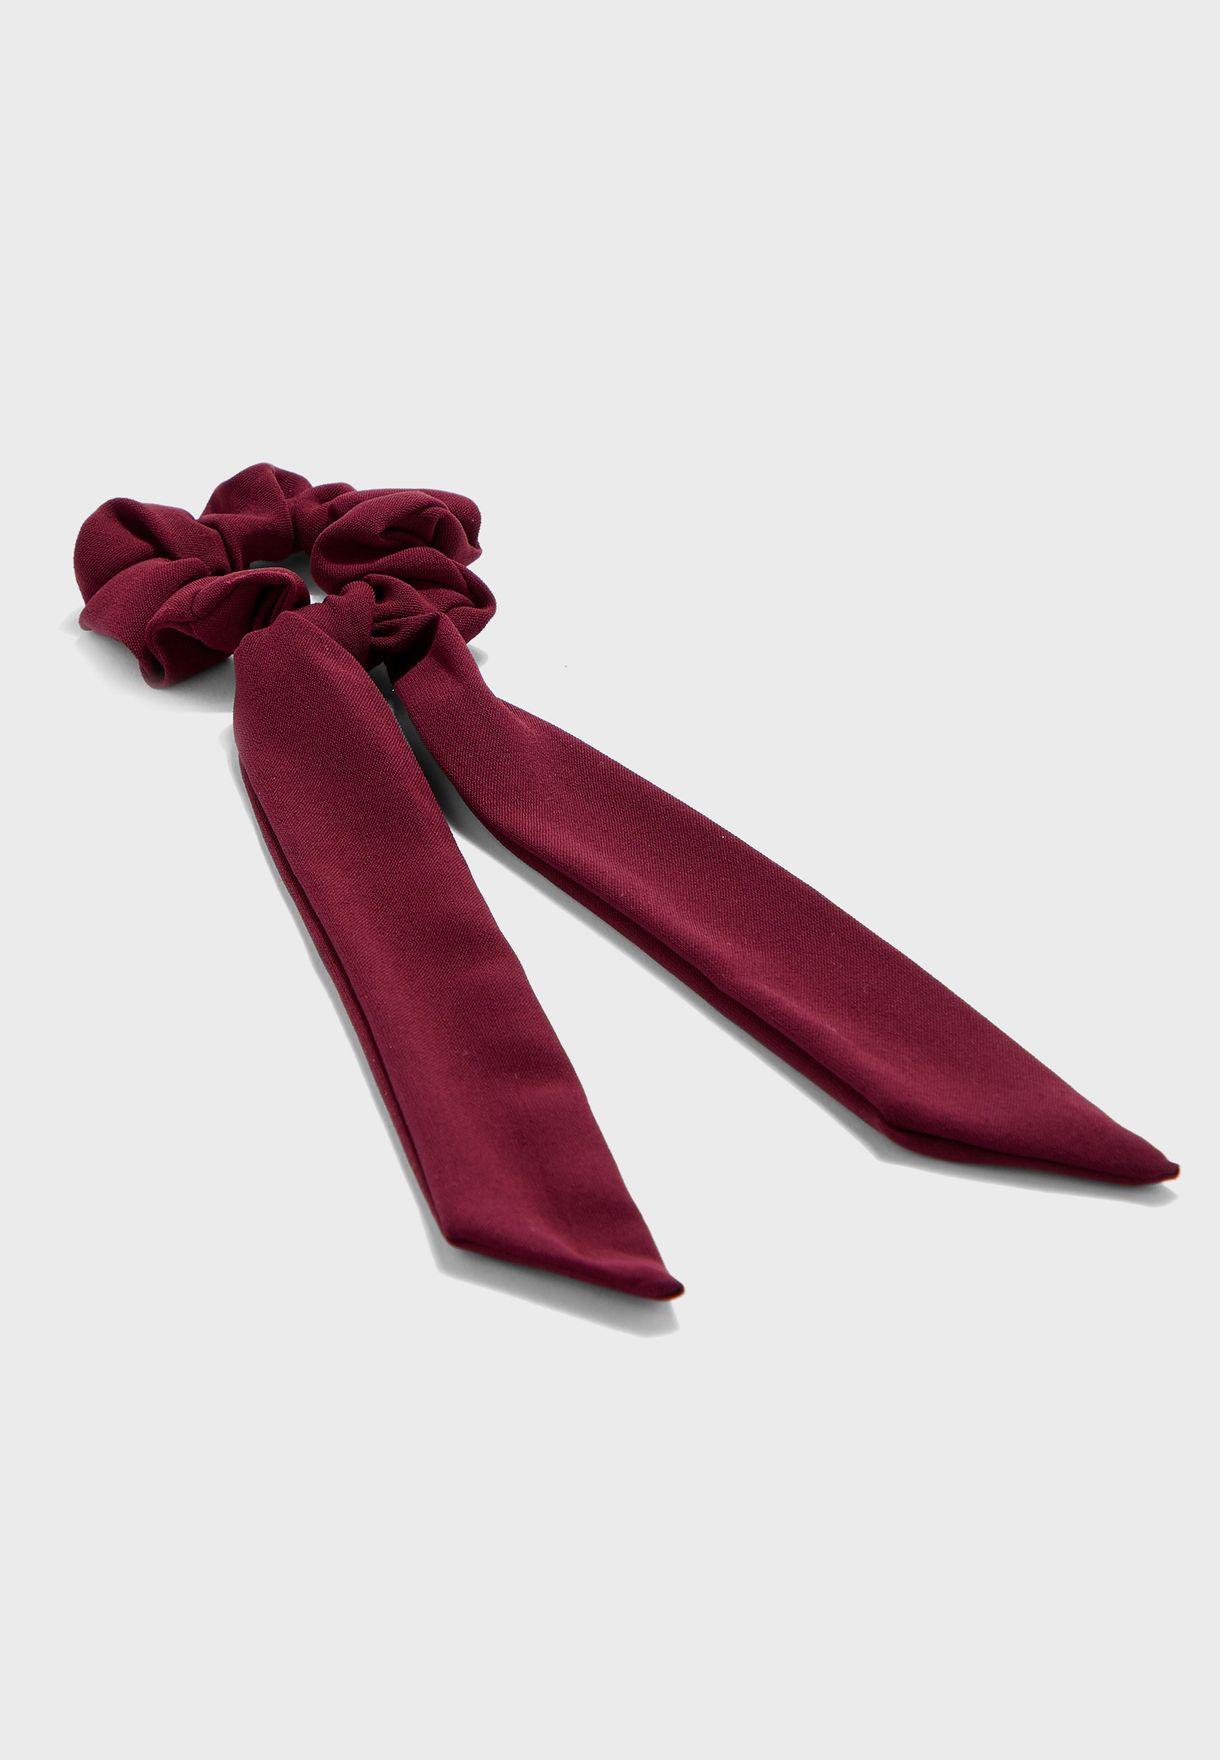 Scrunchie hair tie